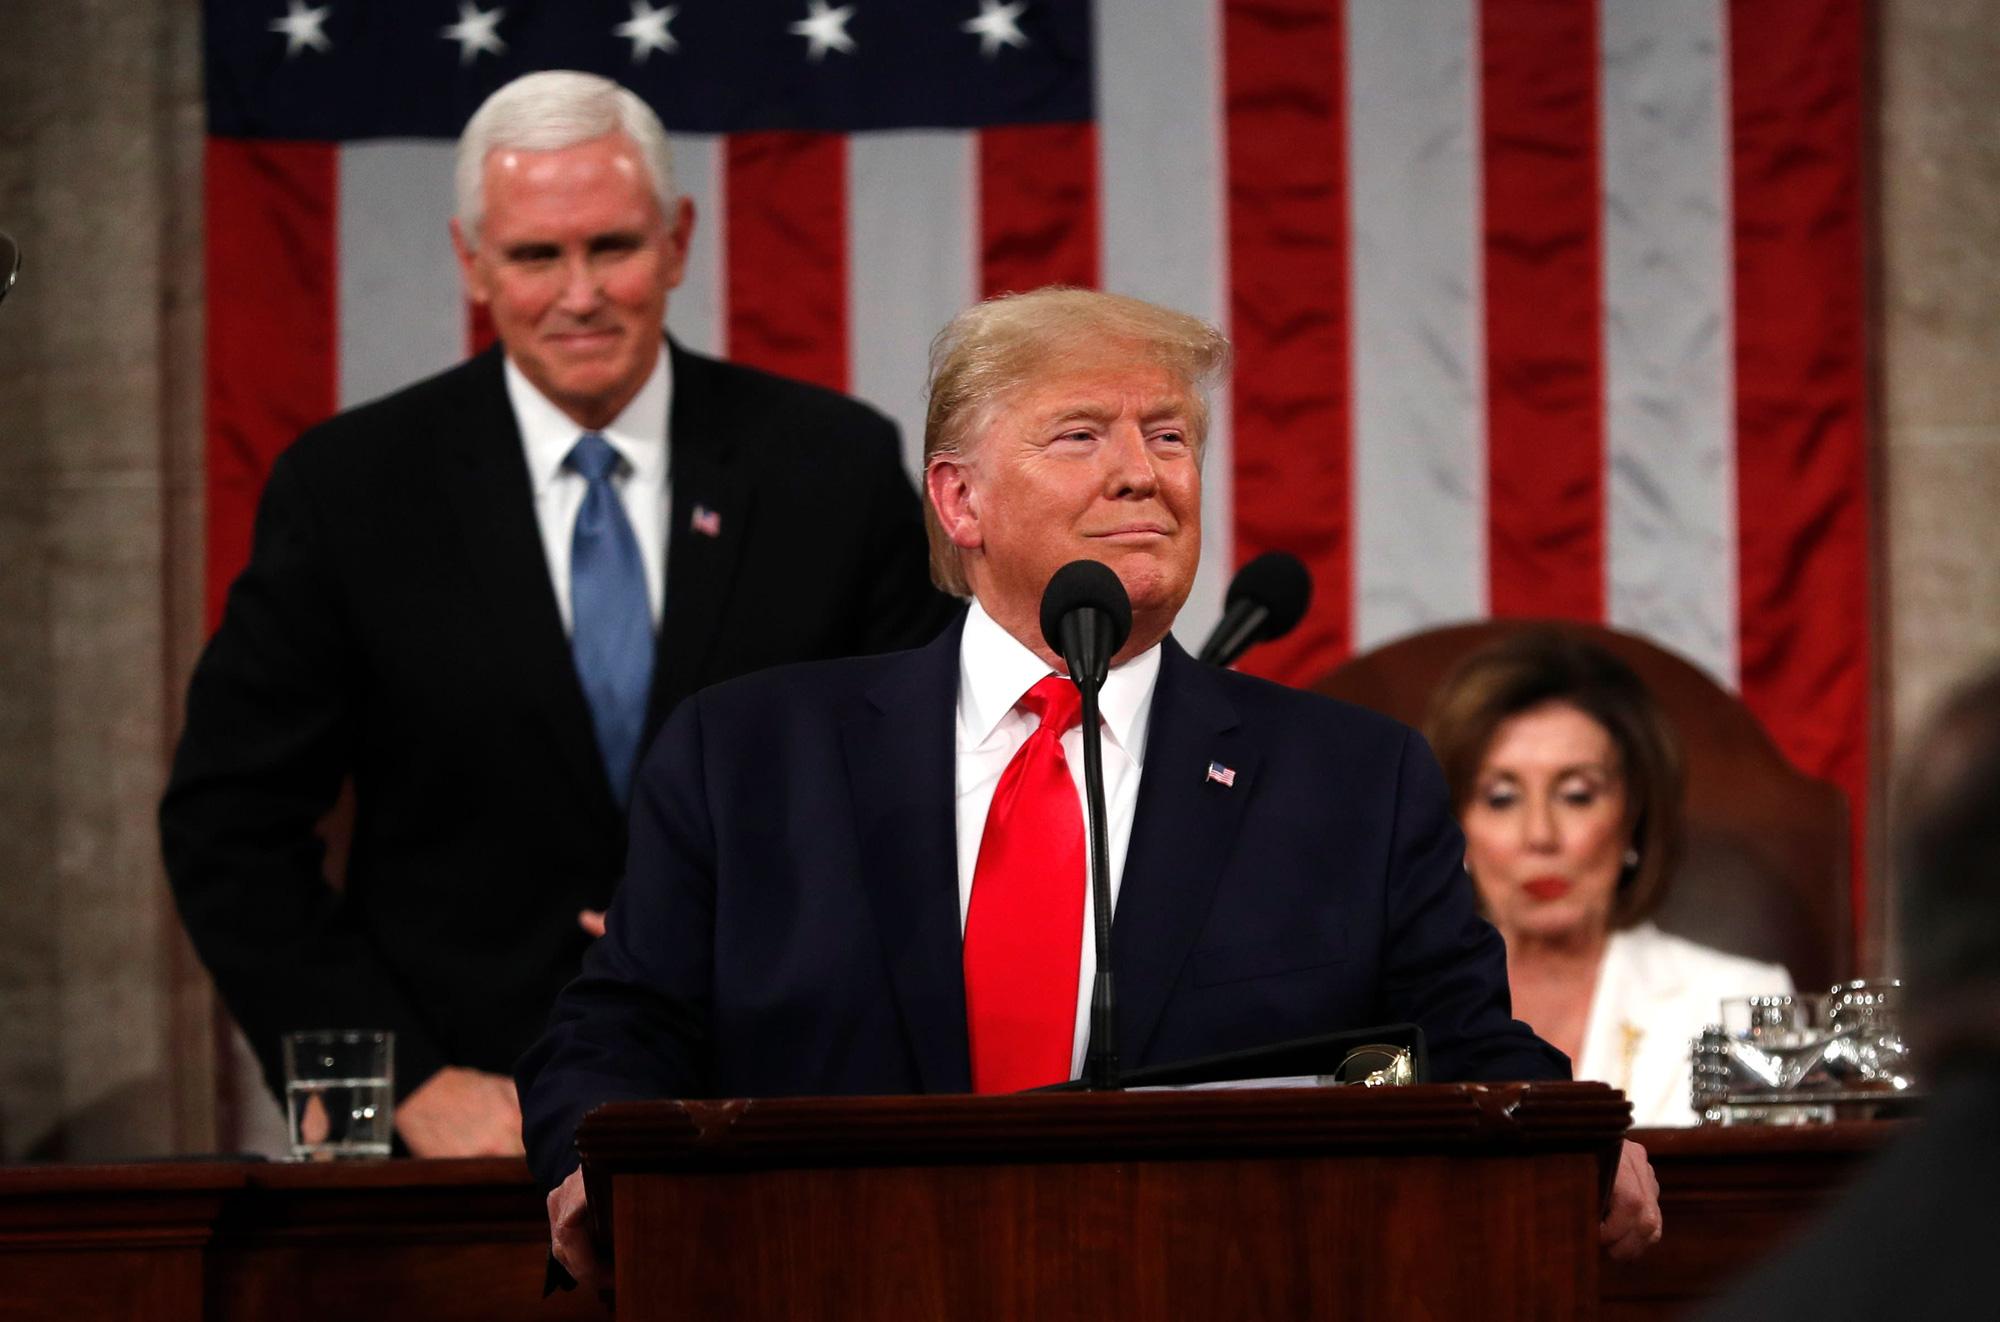 Các trụ cột chính trong chiến dịch tái tranh cử của ông Trump đang sụp đổ - Ảnh 1.